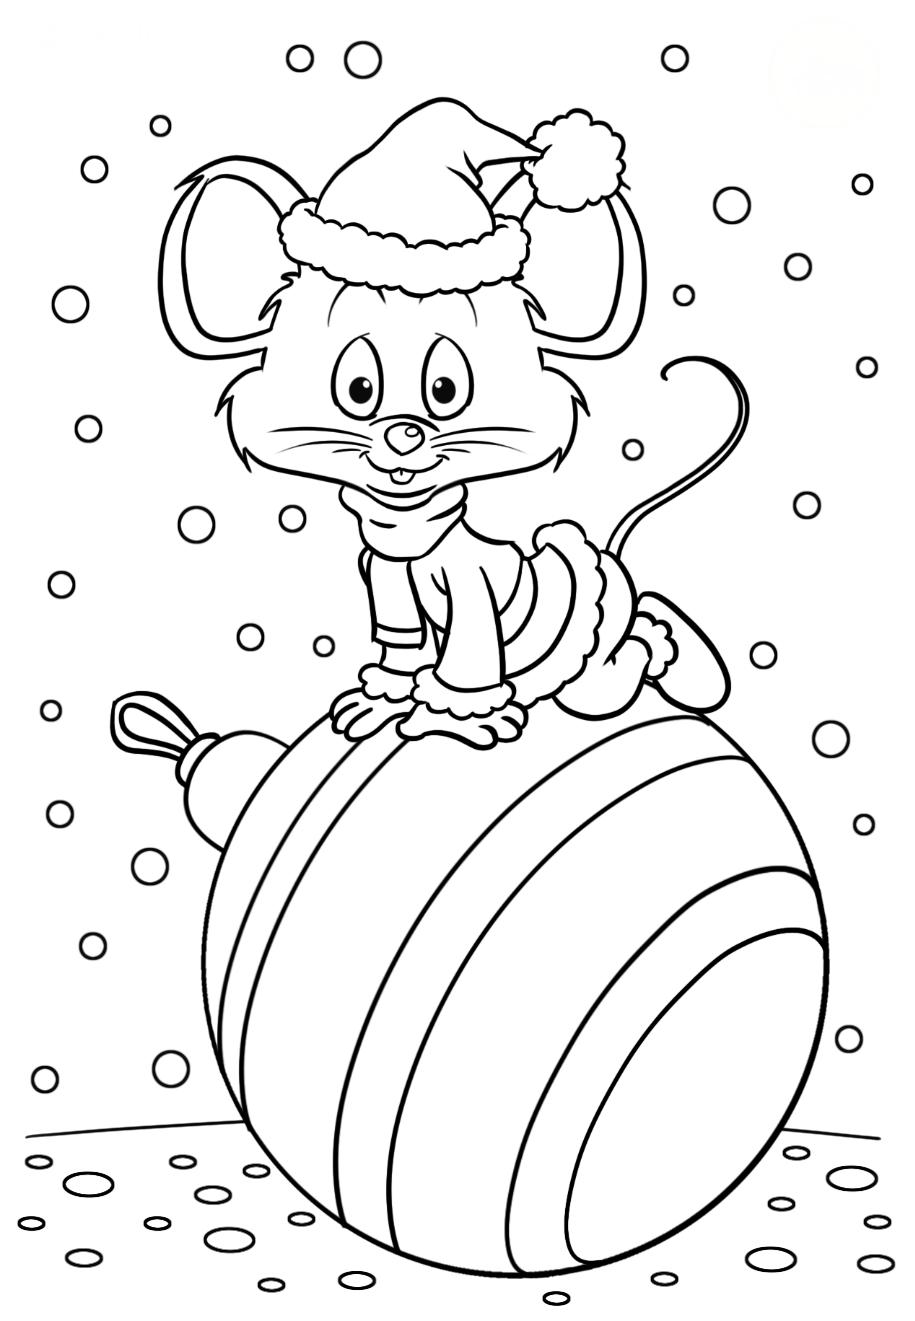 Символ года Мышка - Новый год - Раскраски антистресс